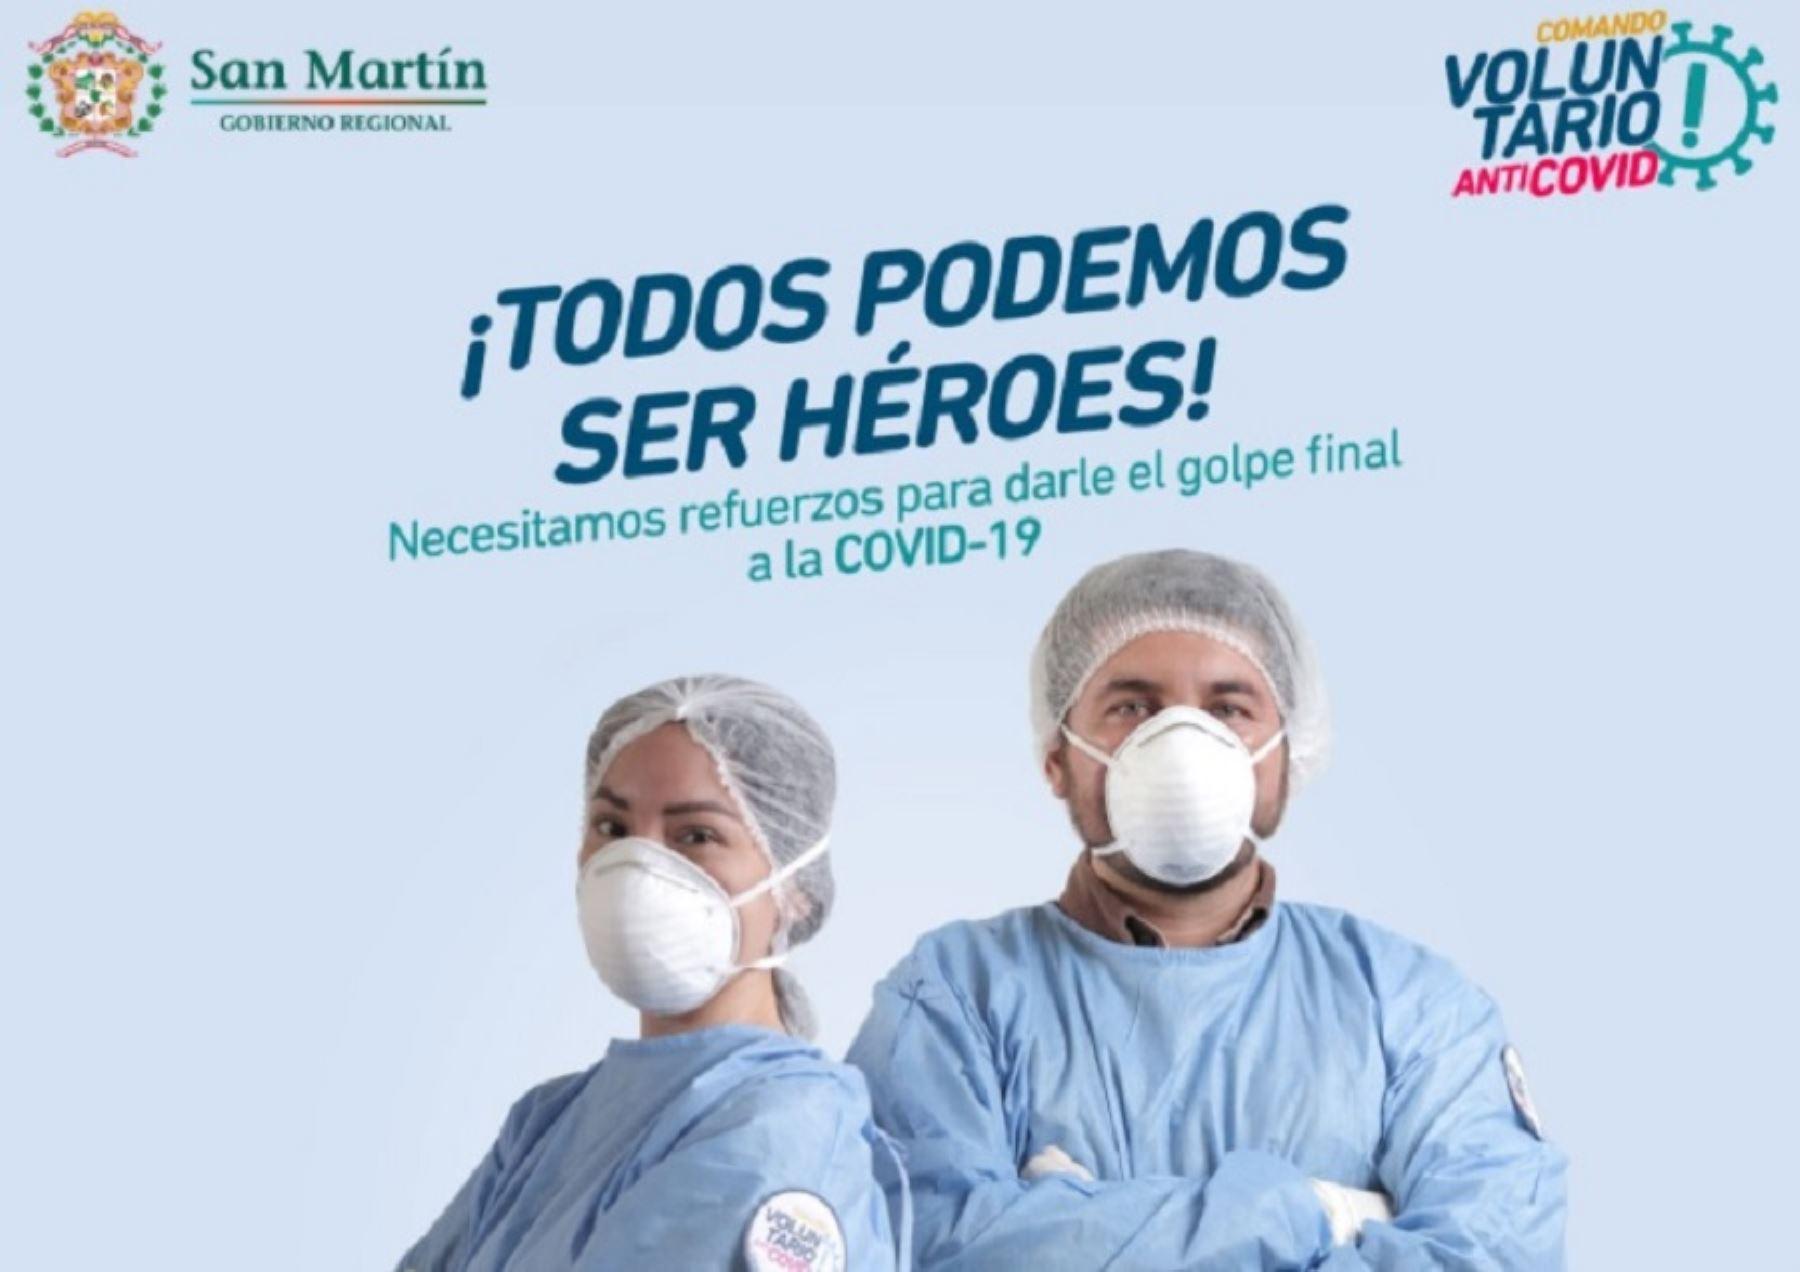 San Martín postula para ser una de las regiones en donde se desarrollen jornadas piloto de vacunación frente al covid-19 en el país. Foto: Gobierno Regional de San Martín.